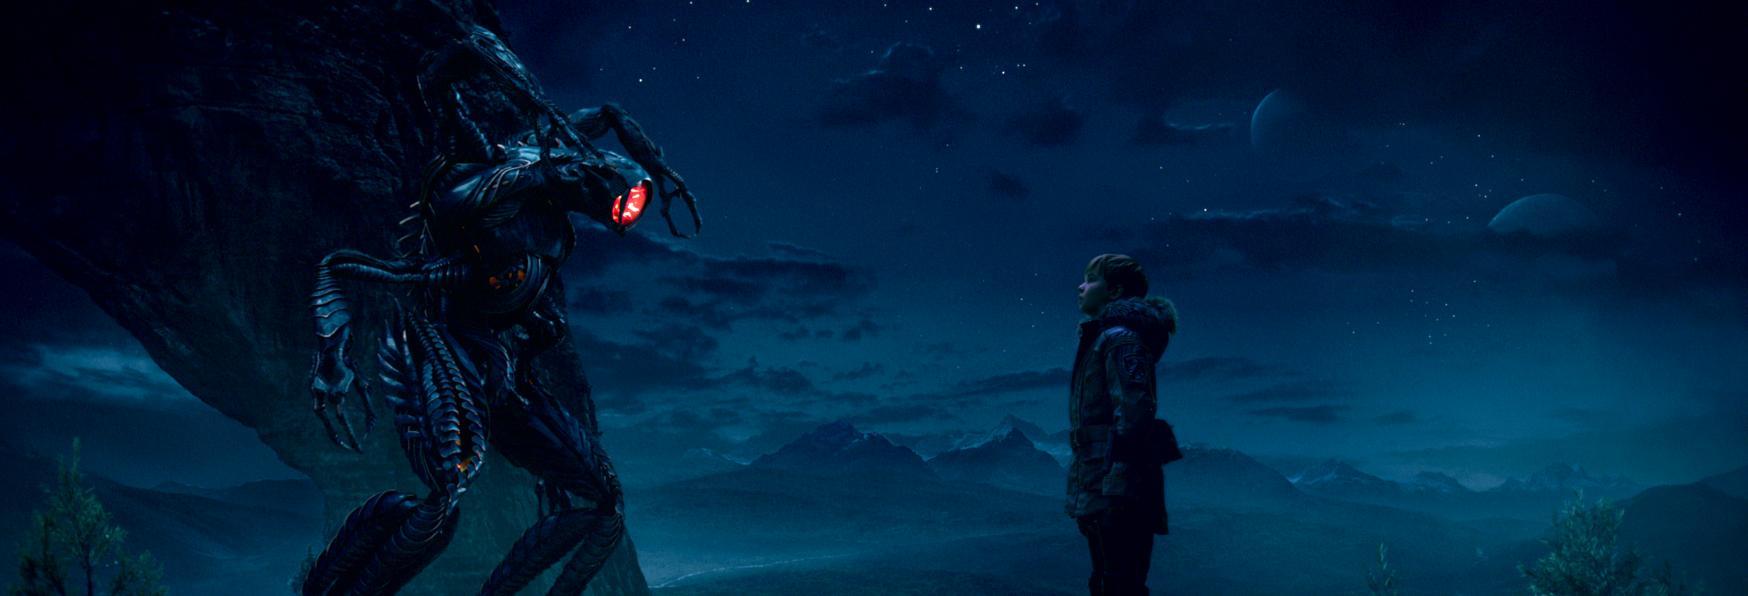 Lost in Space 3: Stanno per Iniziare le Riprese della nuova Stagione della Serie TV Netflix